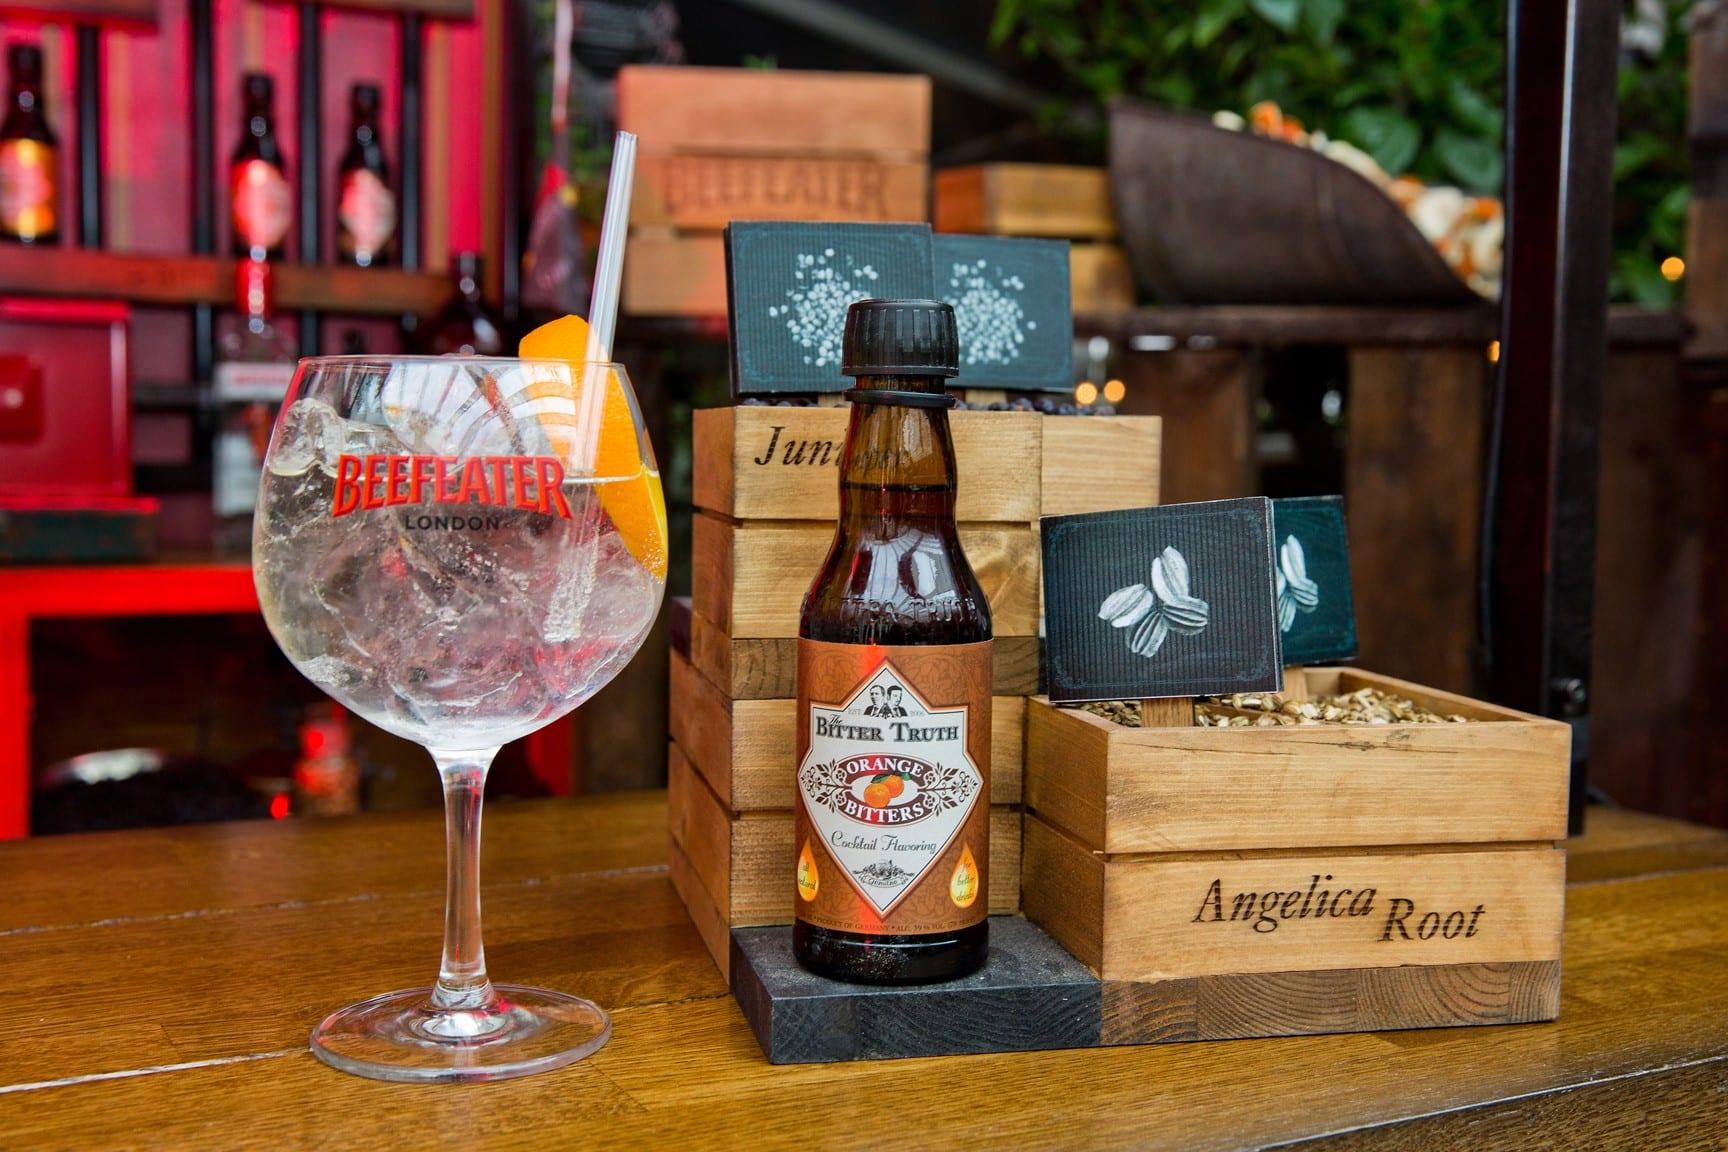 Beefeater Seville Orange